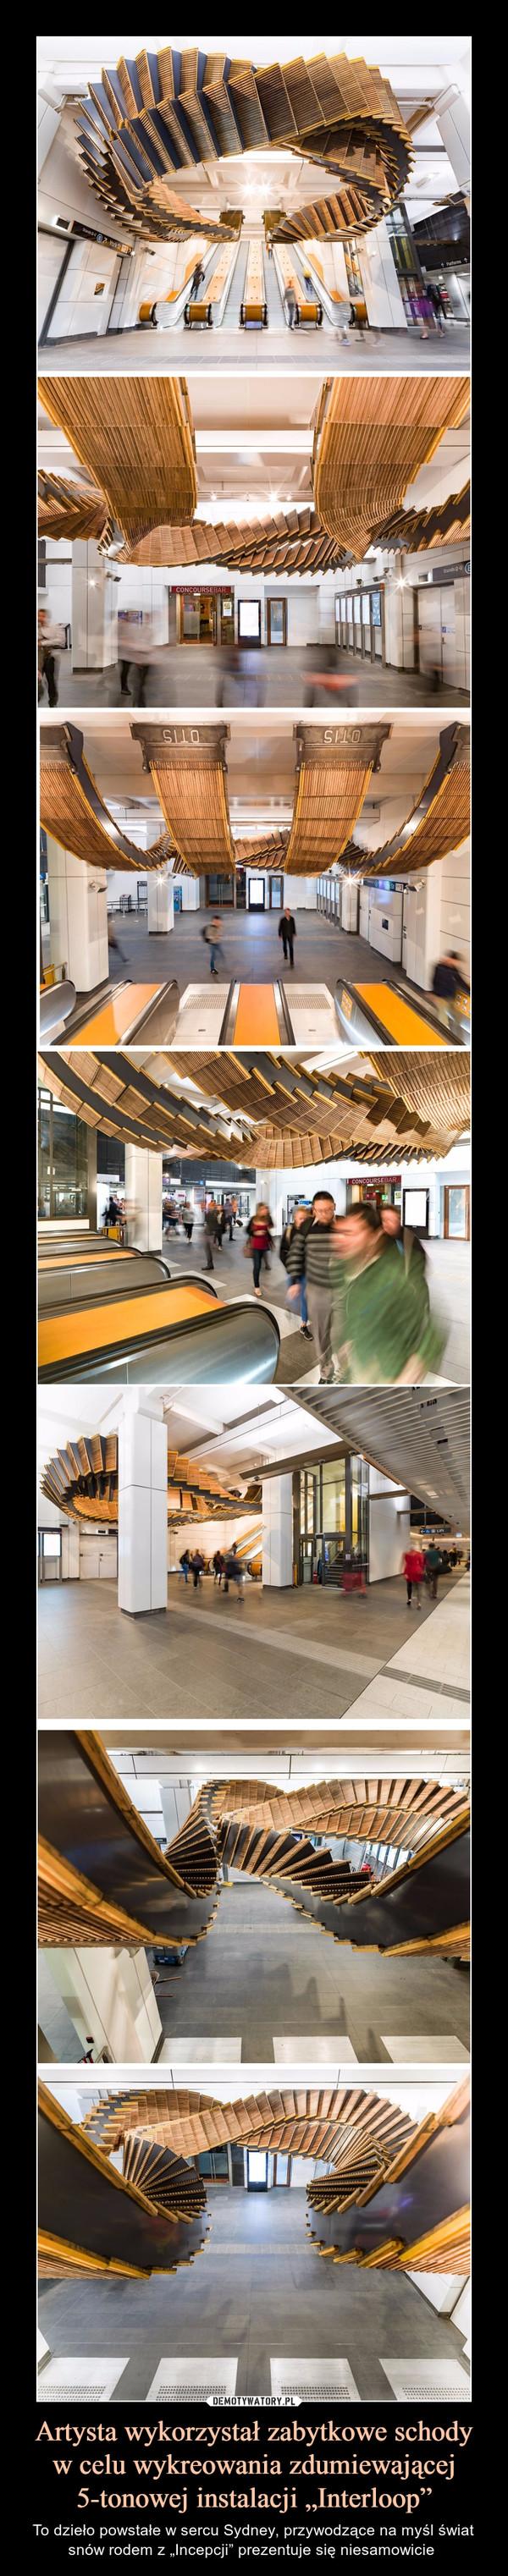 """Artysta wykorzystał zabytkowe schody w celu wykreowania zdumiewającej 5-tonowej instalacji """"Interloop"""" – To dzieło powstałe w sercu Sydney, przywodzące na myśl świat snów rodem z """"Incepcji"""" prezentuje się niesamowicie"""